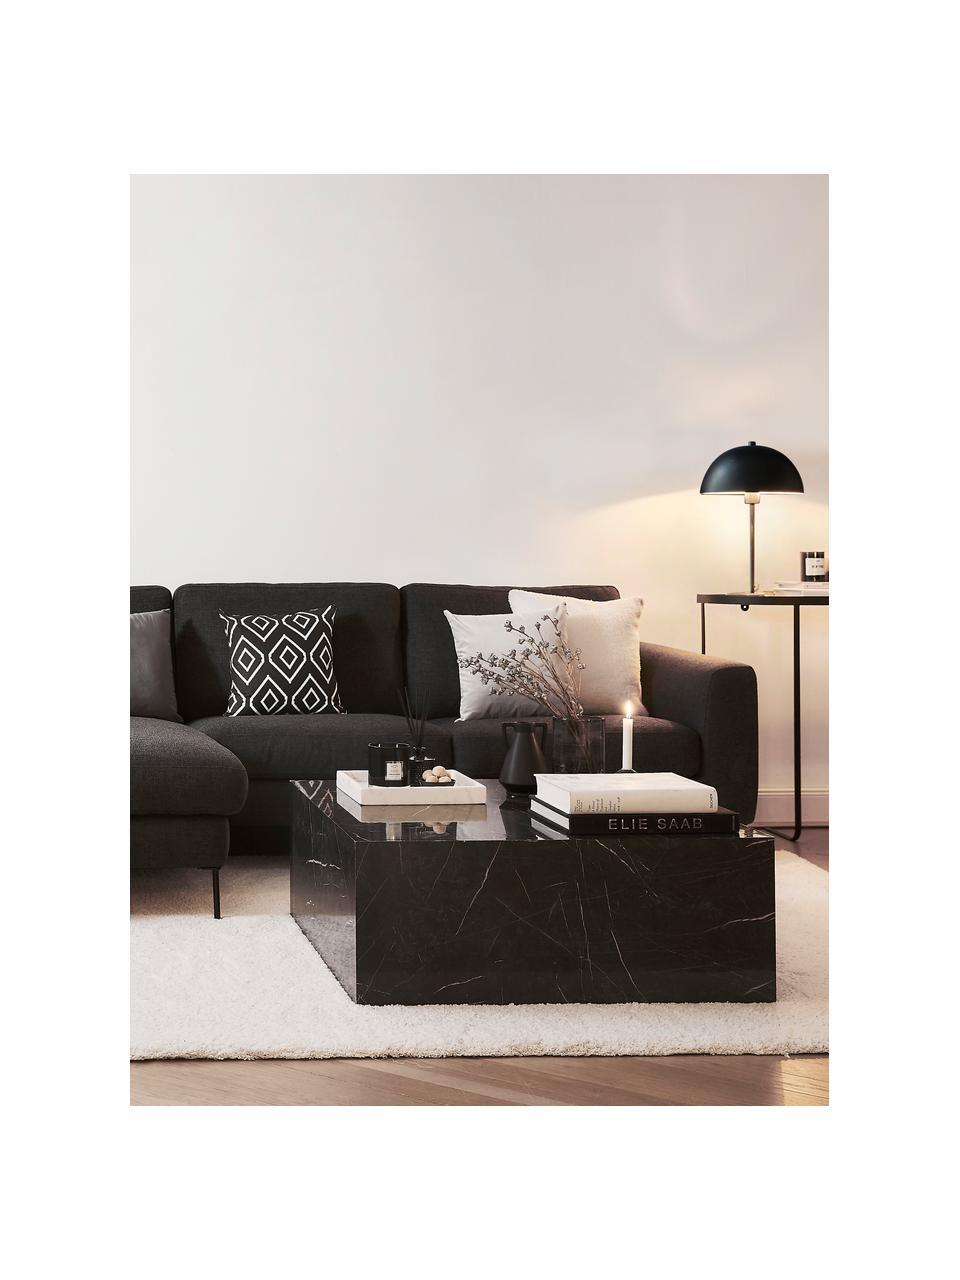 Strick-Wendekissenhülle Chuck mit grafischem Muster in Schwarz/Weiß, 100% Baumwolle, Schwarz, Cremeweiß, 40 x 40 cm